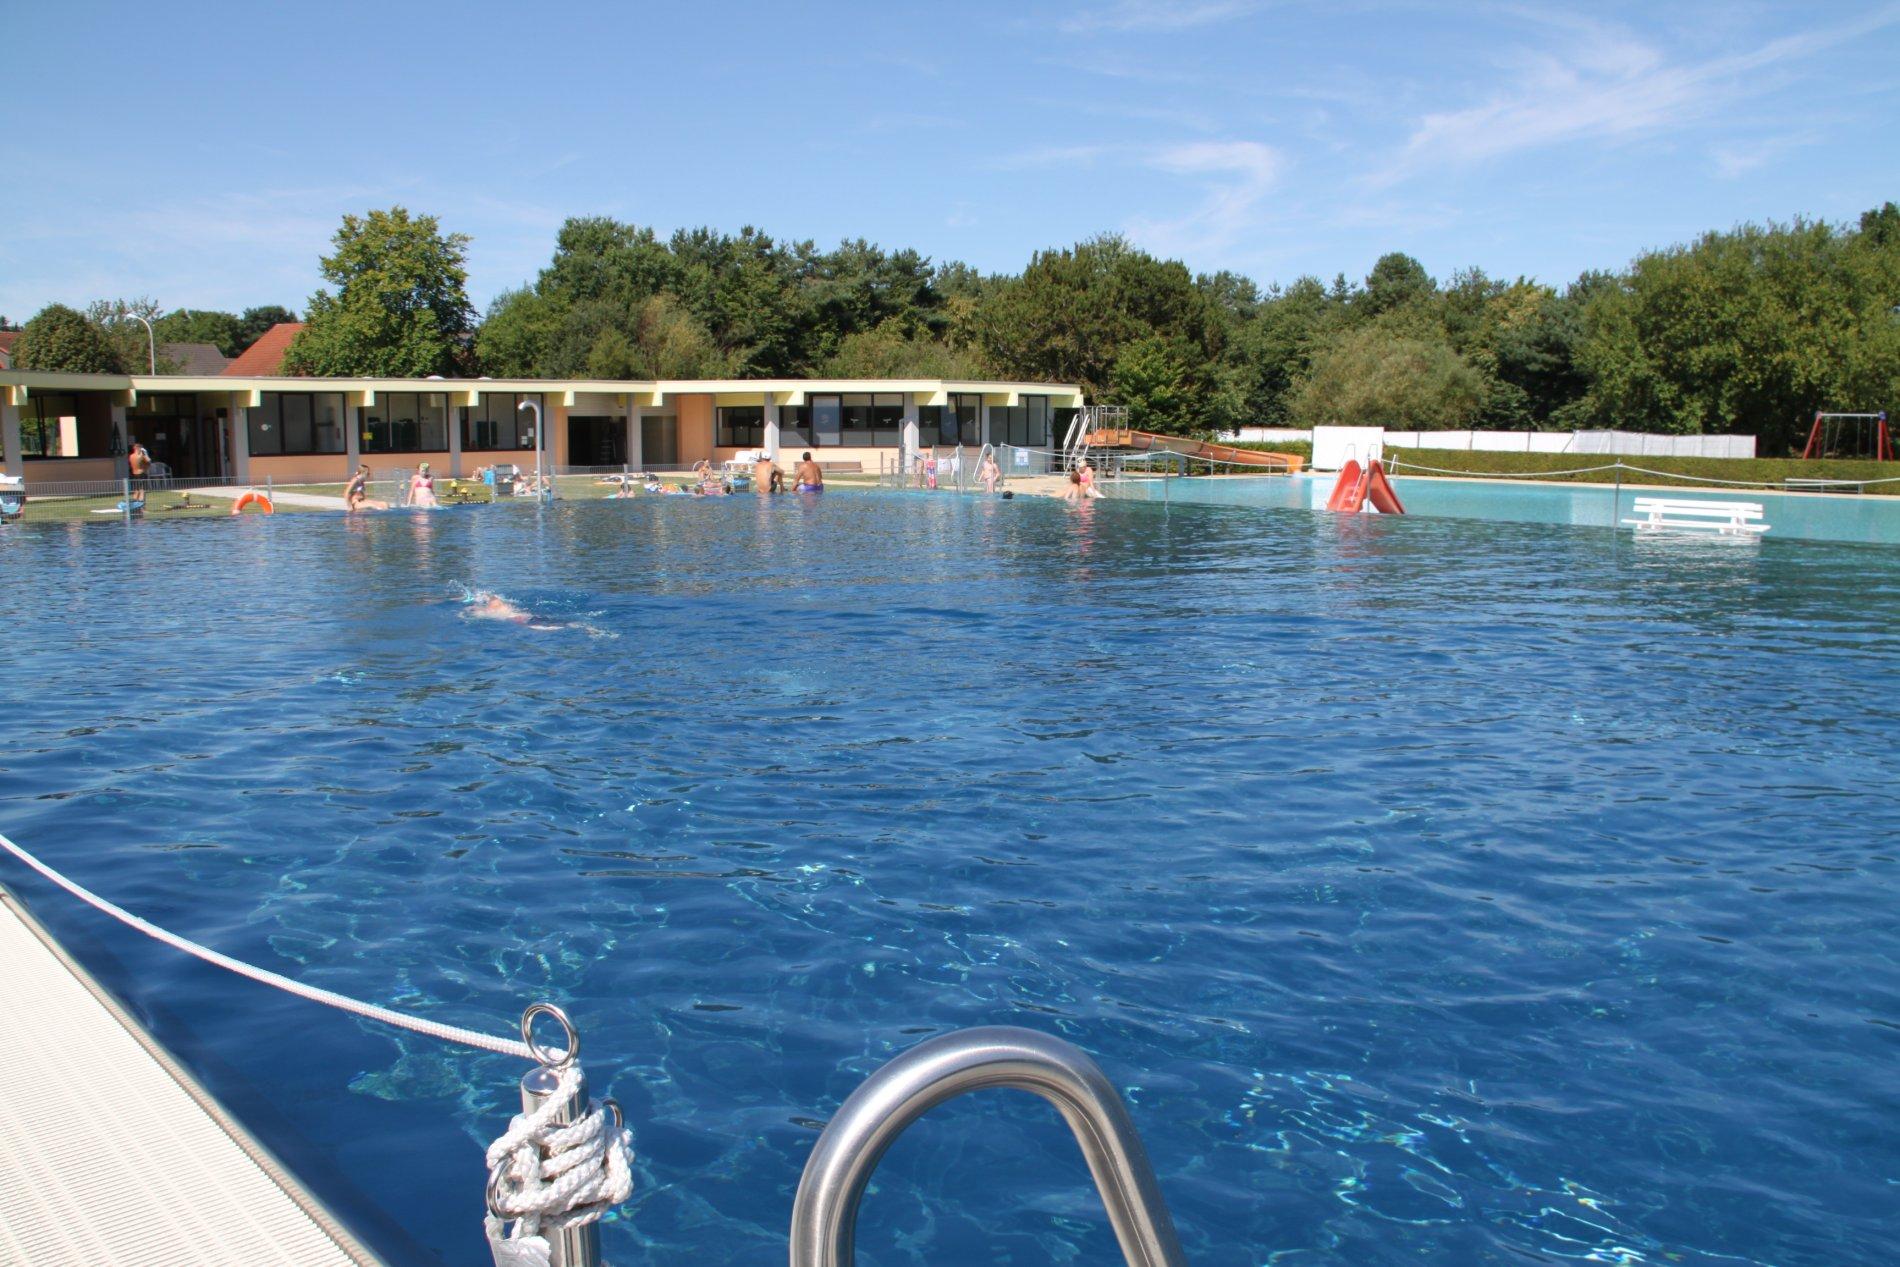 Groß-gerau eintrittspreise freibad Schwimmbad Freibad